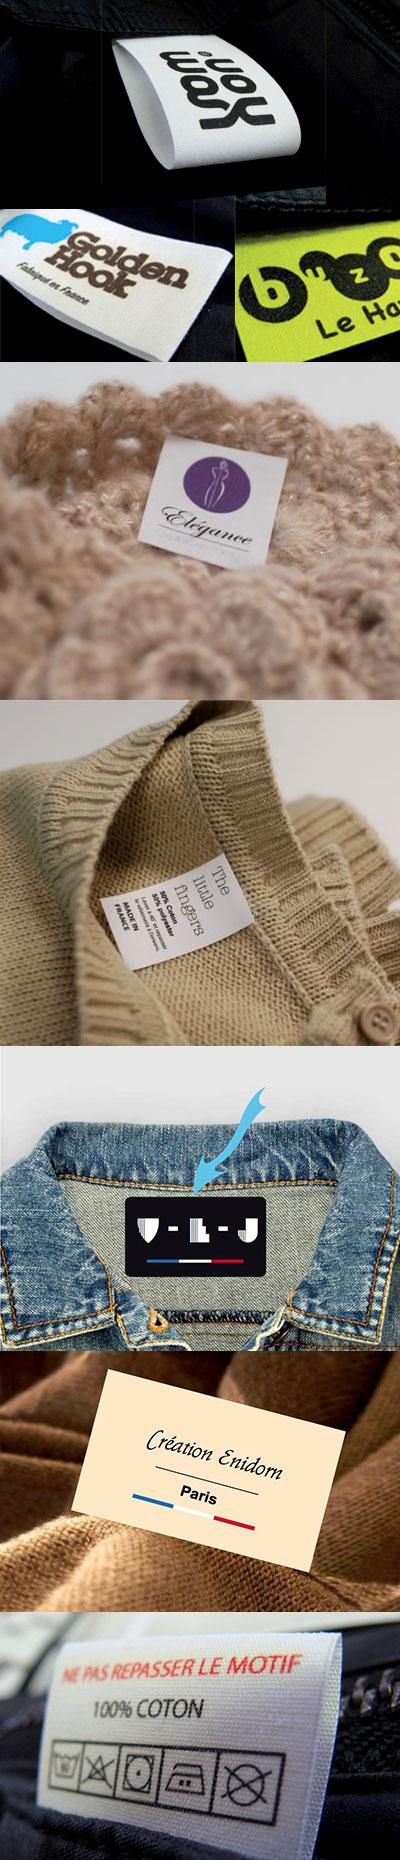 Etiquettes vêtements avec griffe commerciale